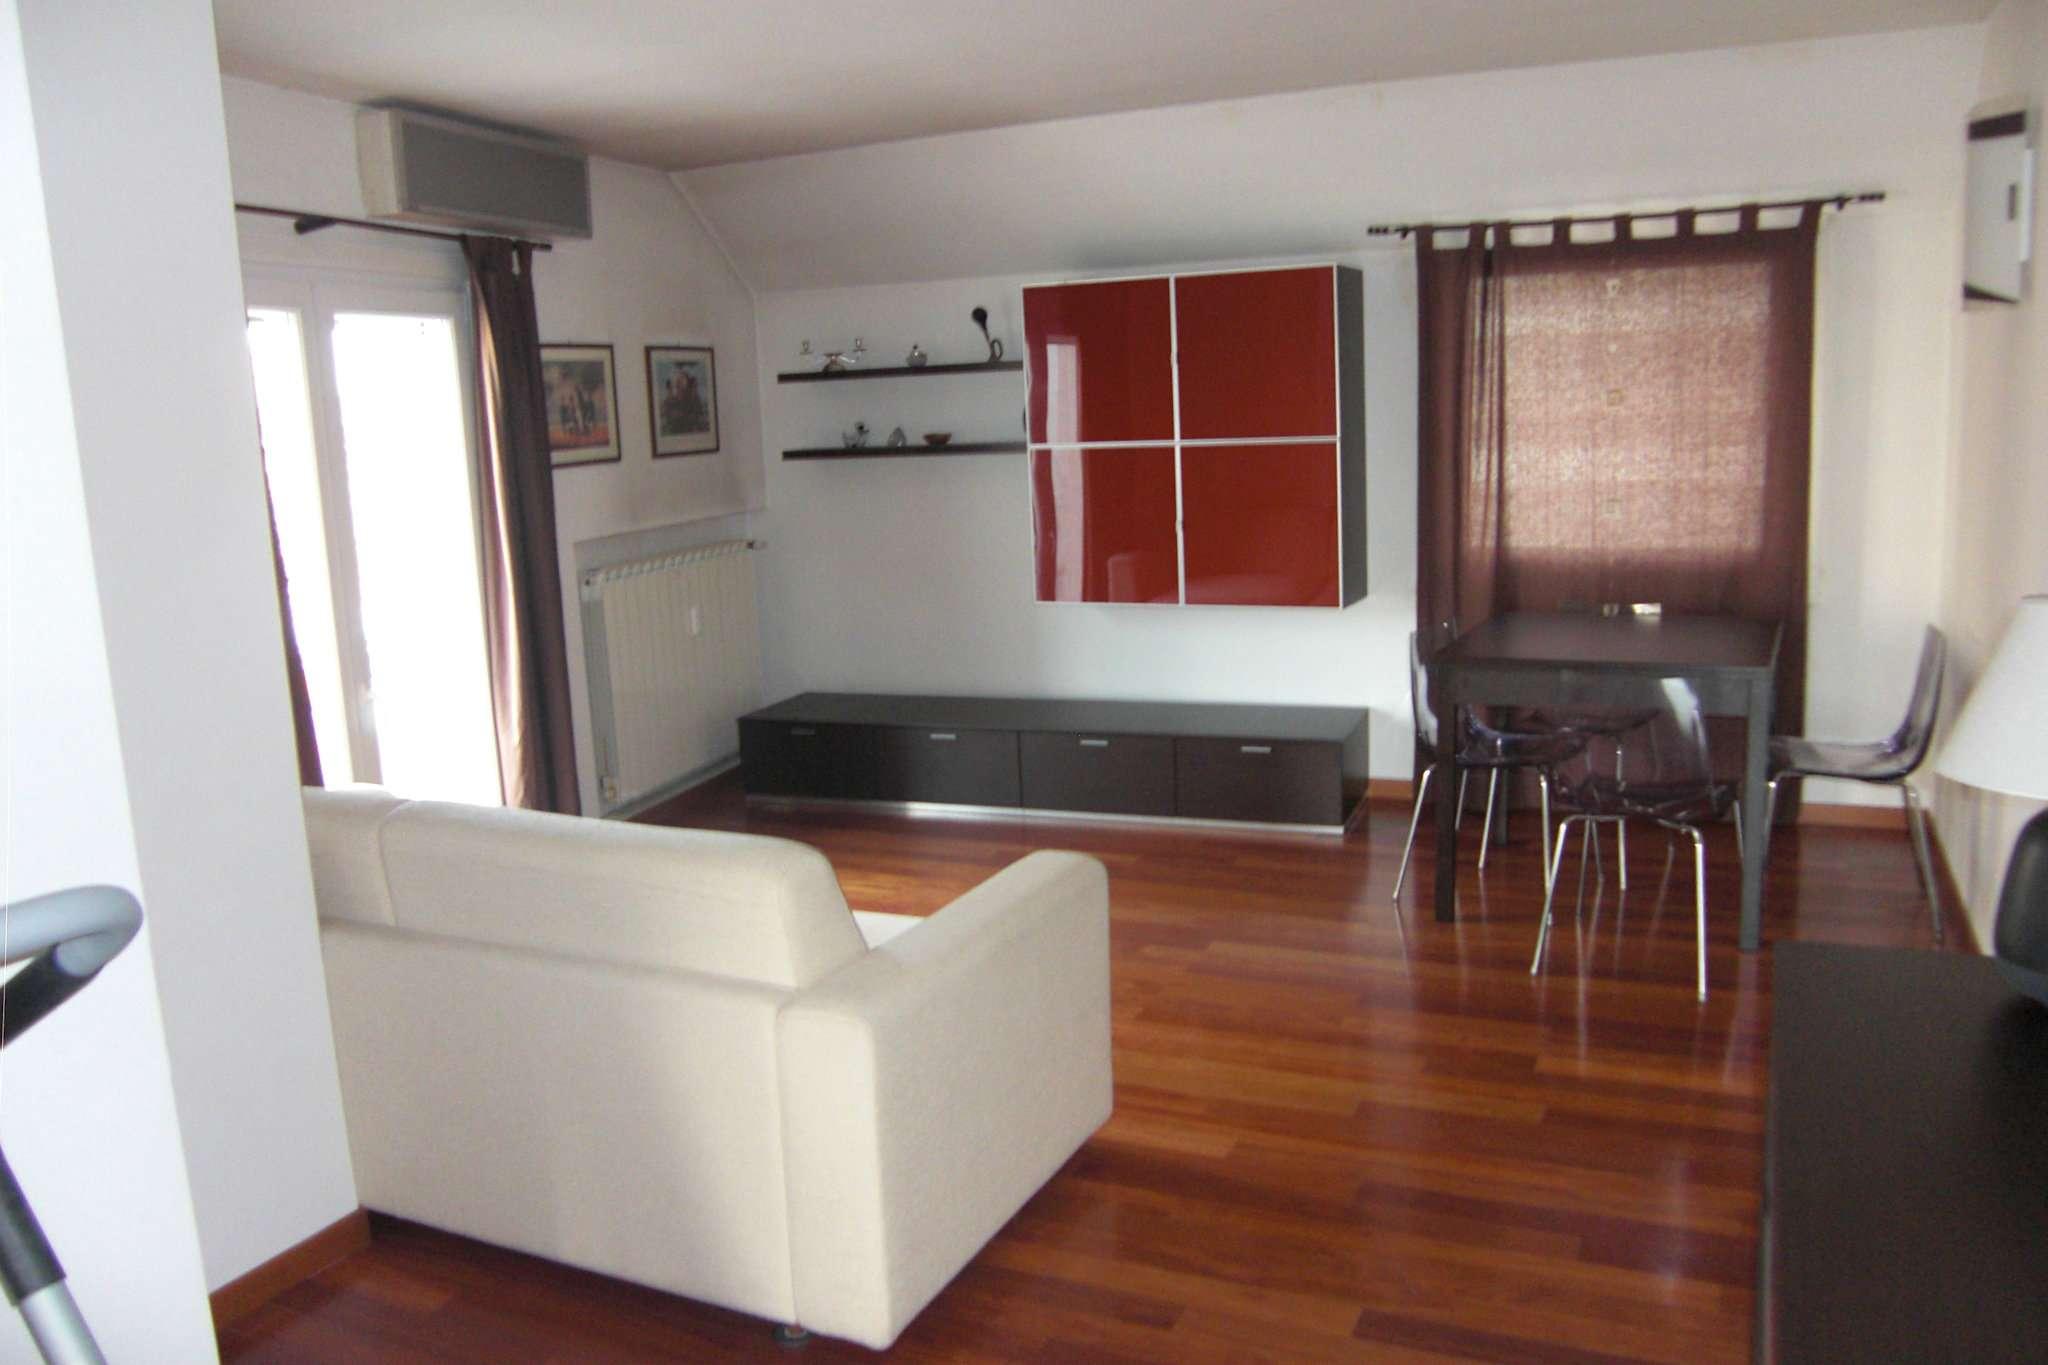 Attico / Mansarda in affitto a Venezia, 3 locali, zona Zona: 11 . Mestre, prezzo € 650 | CambioCasa.it